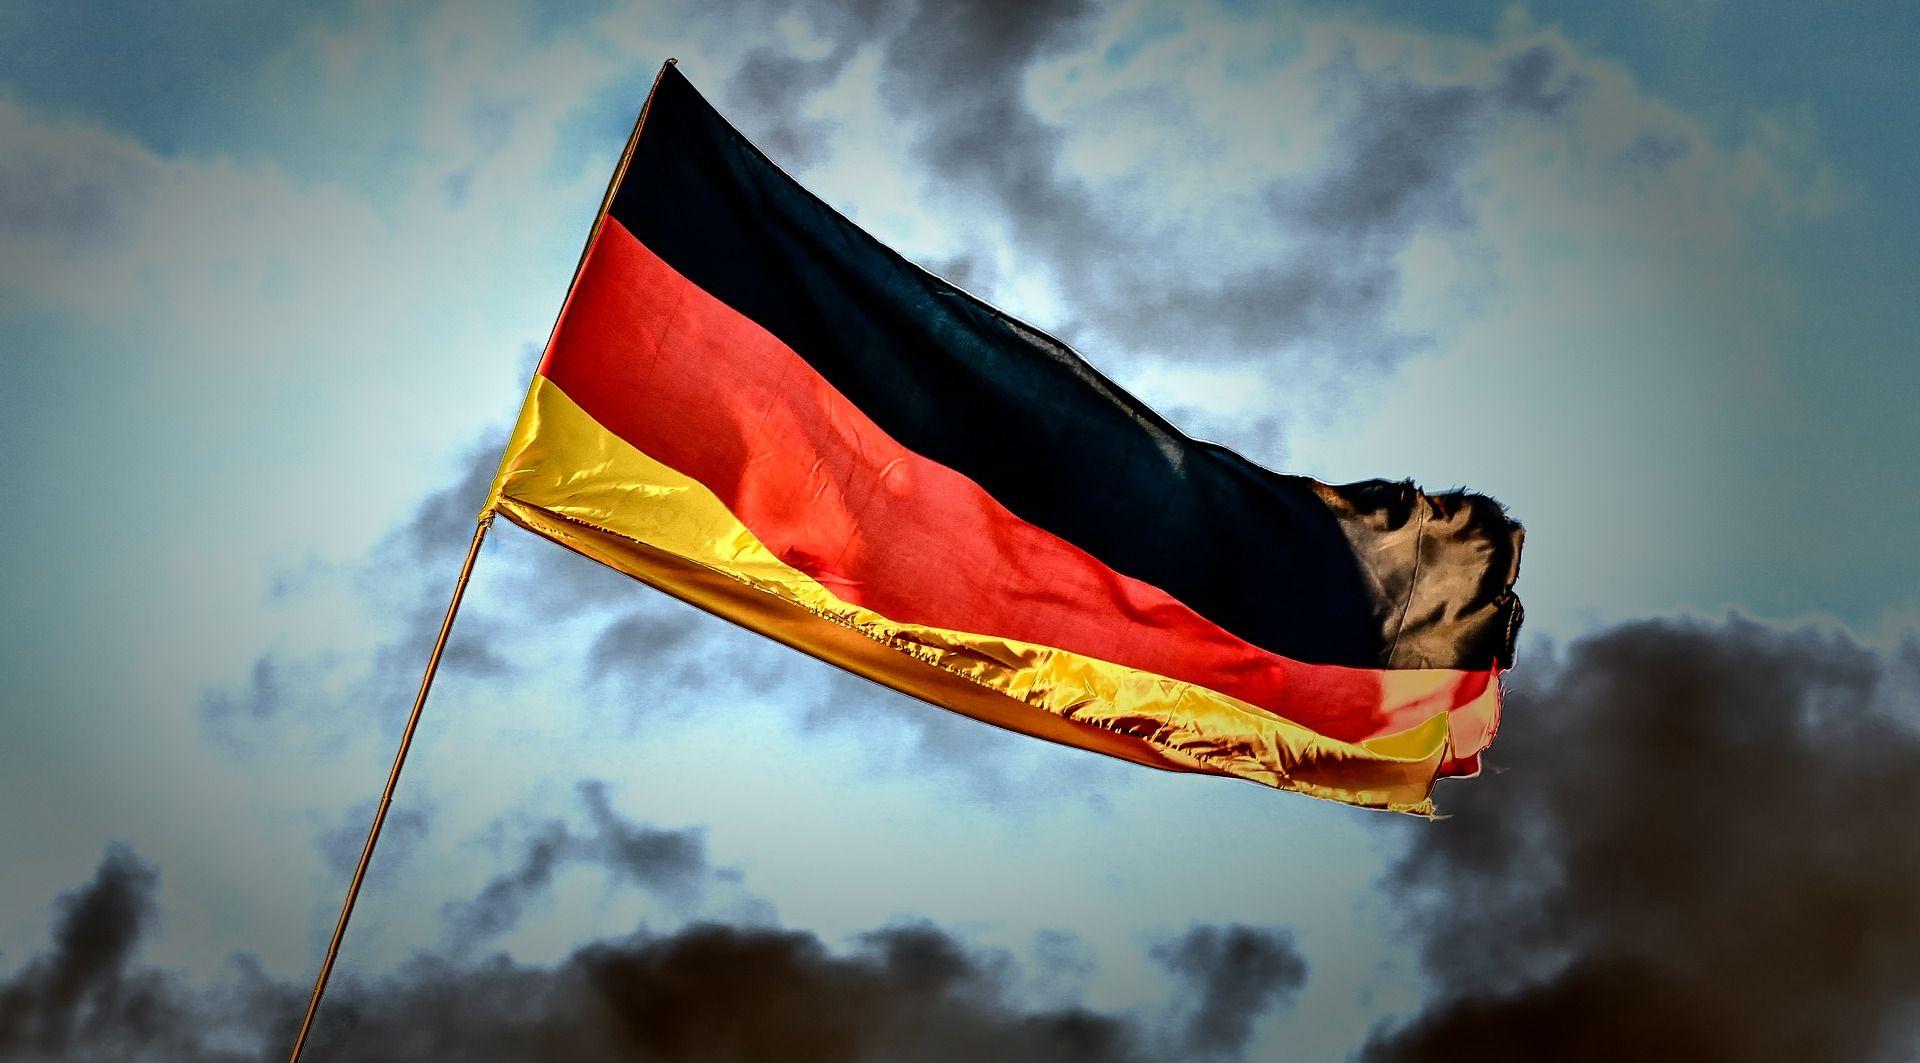 Raznobojne koalicije u 16 njemačkih država